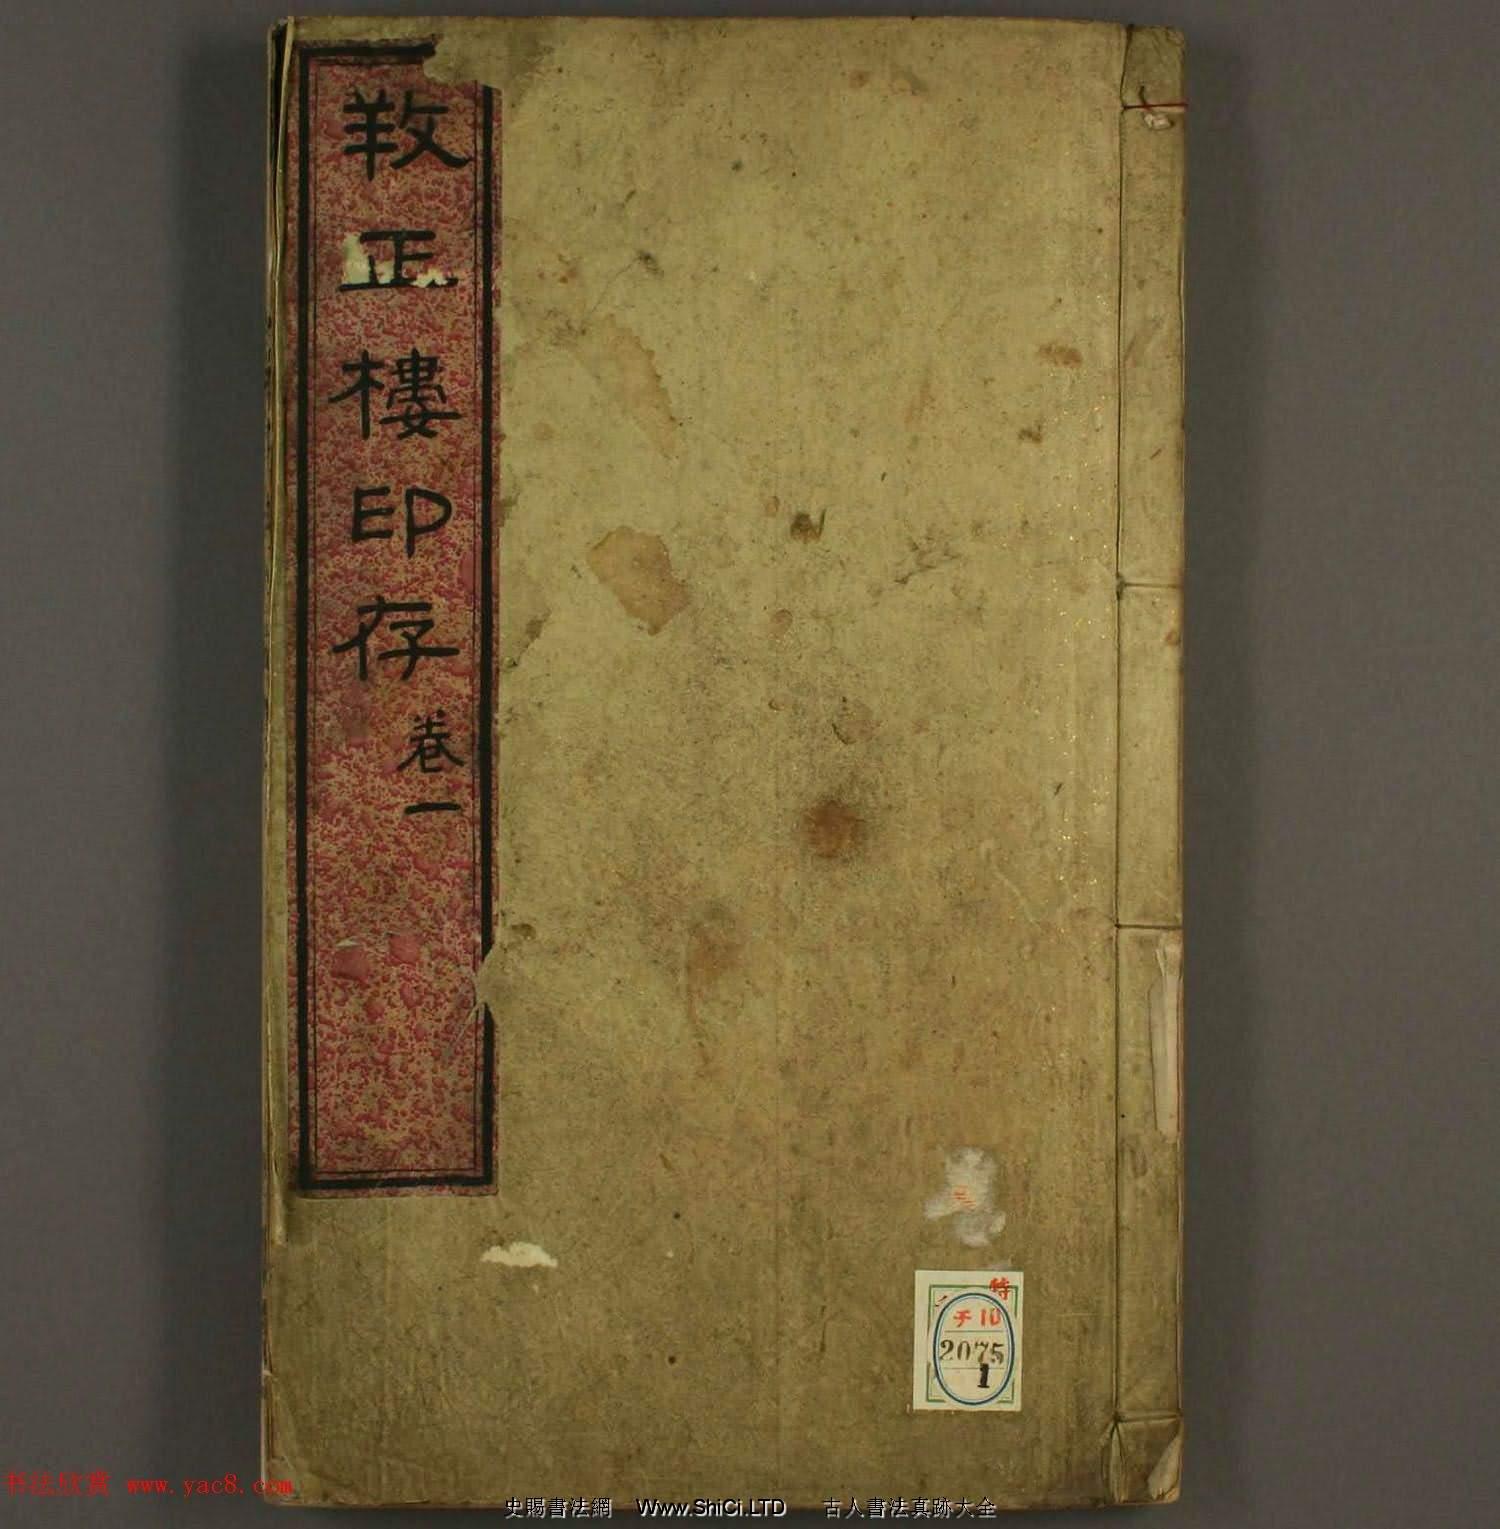 《孫氏養正樓印存》卷一「百福」篆刻真跡欣賞(共54張圖片)